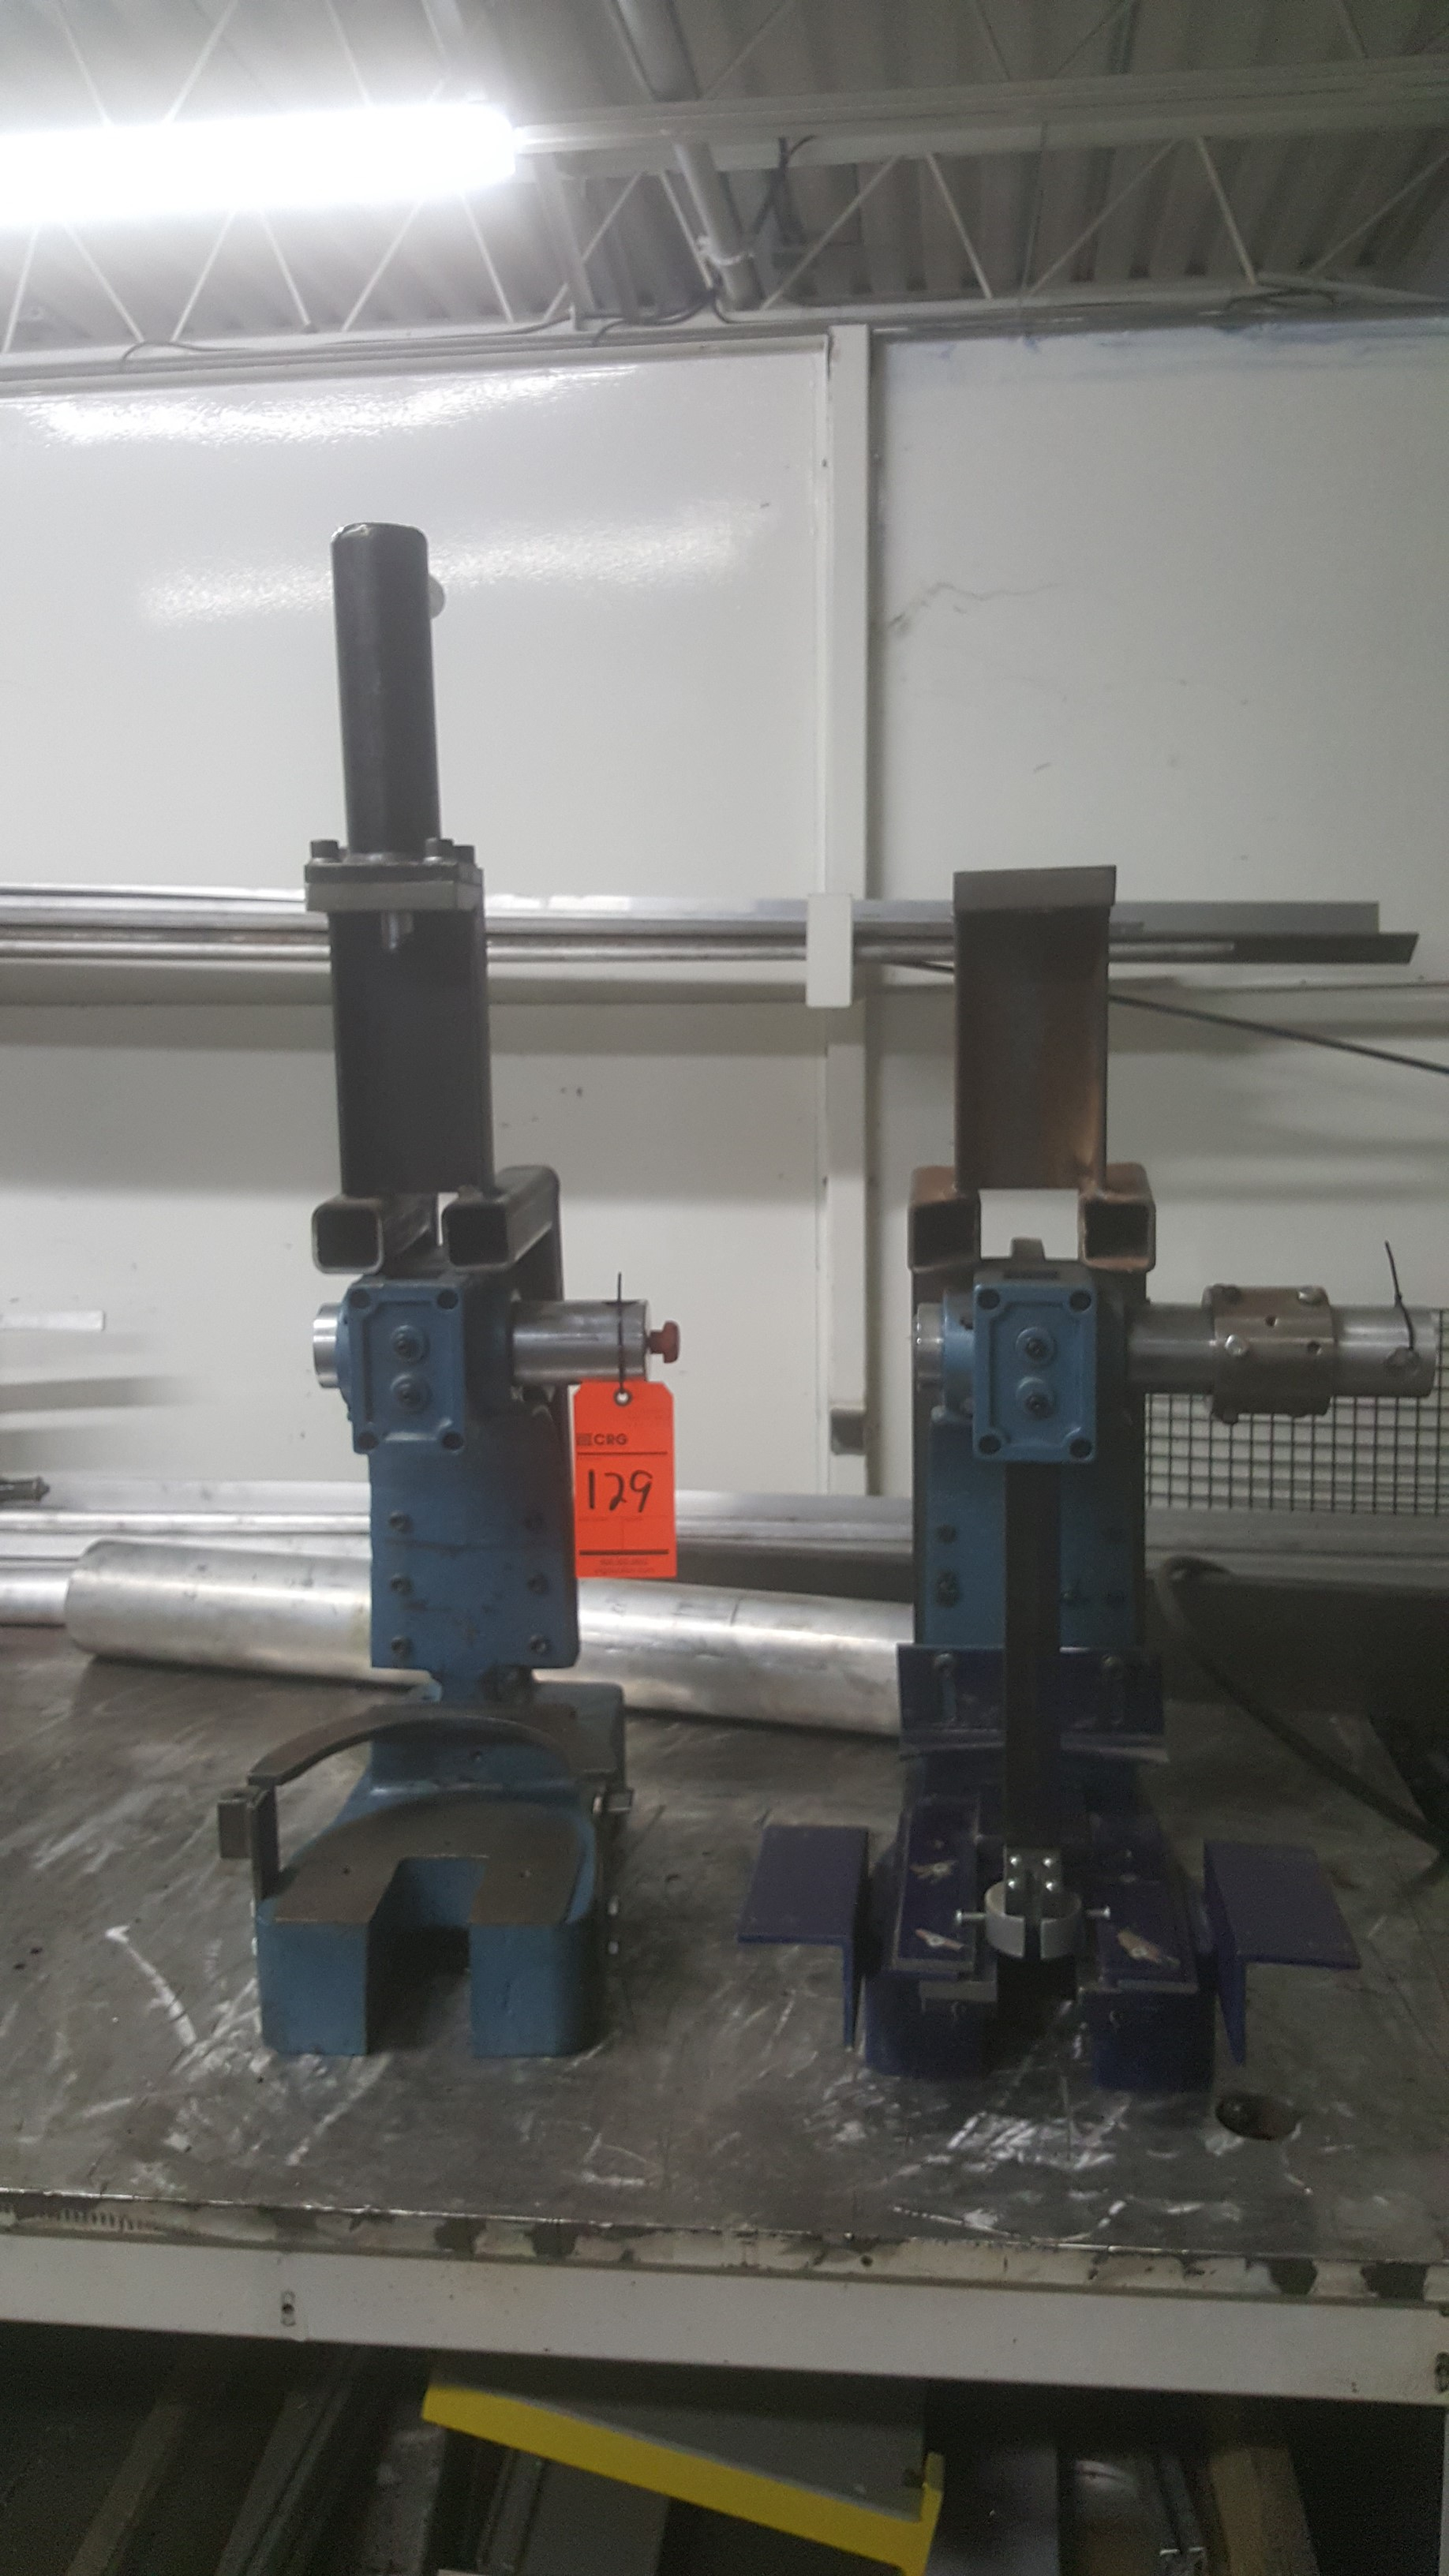 Lot 129 - (2) Arbor presses (Blue)